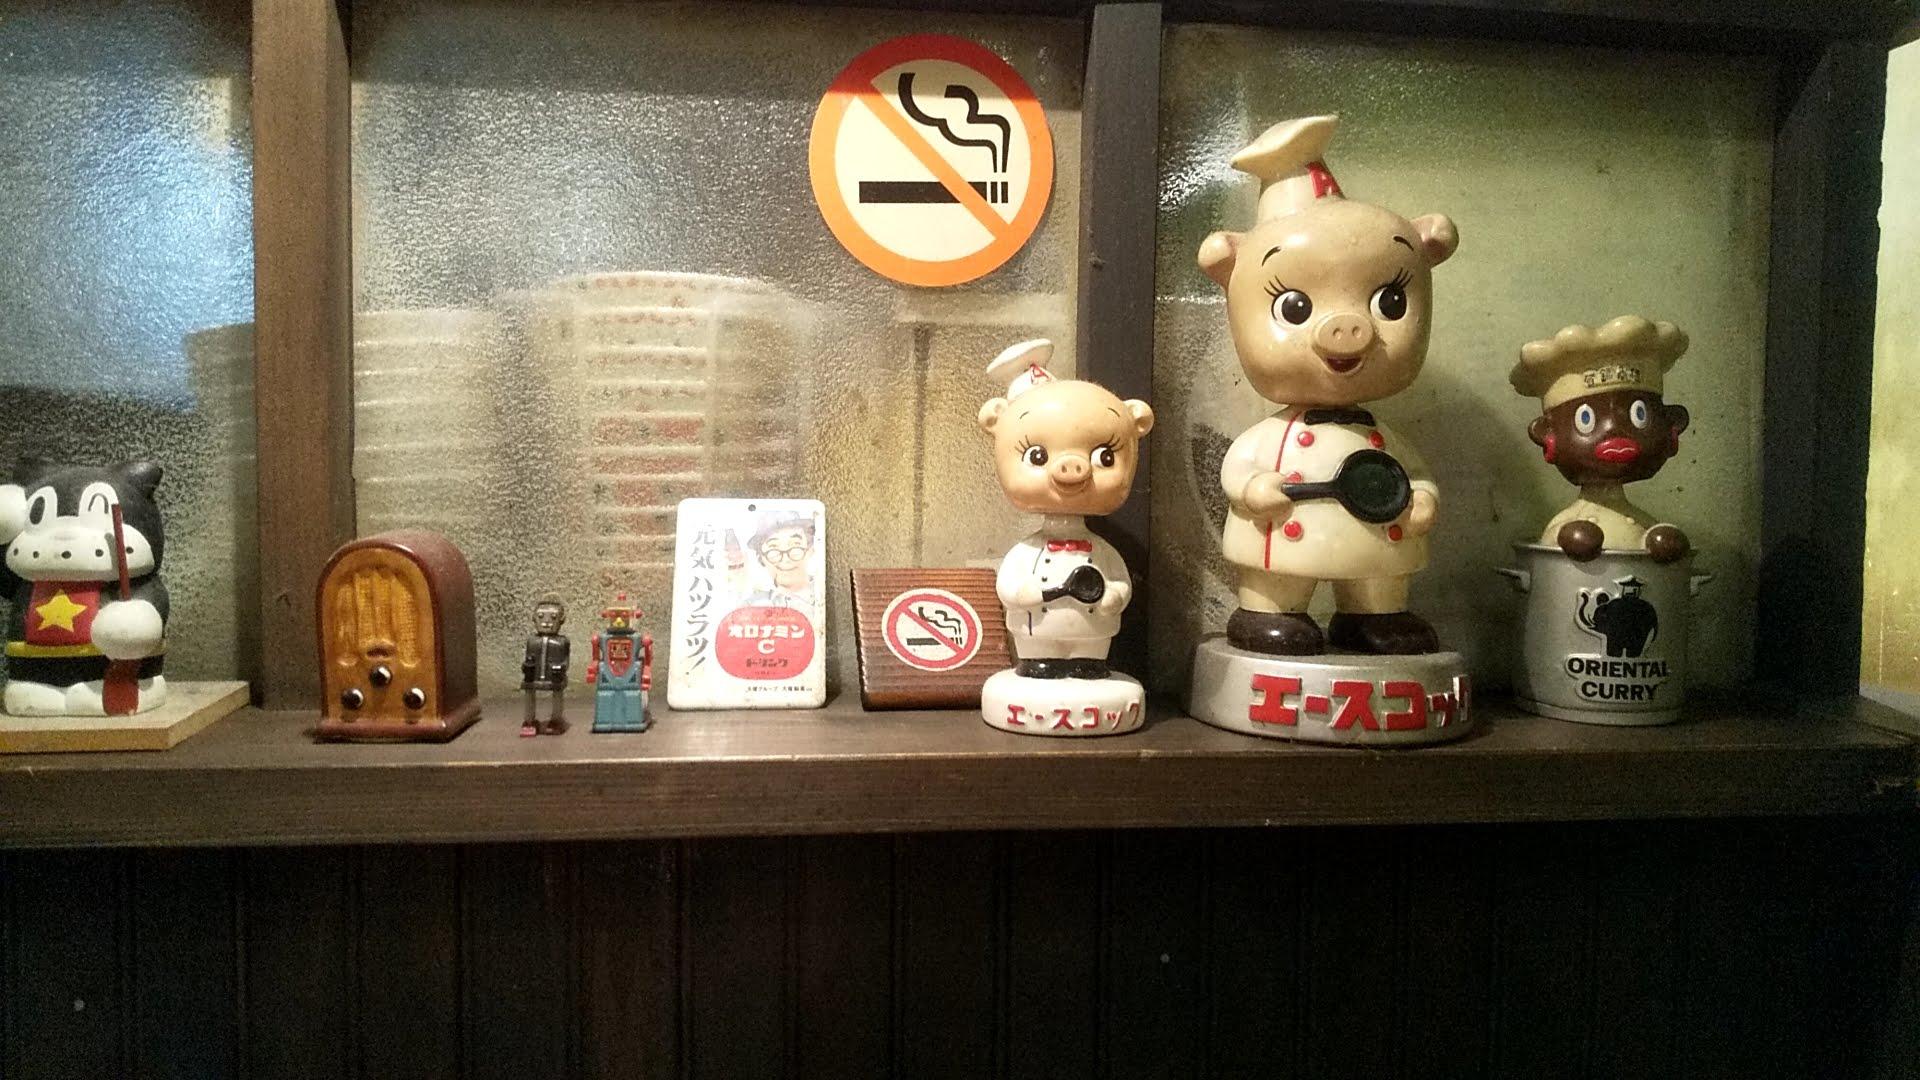 ヨシベーラーメンの店内の景色